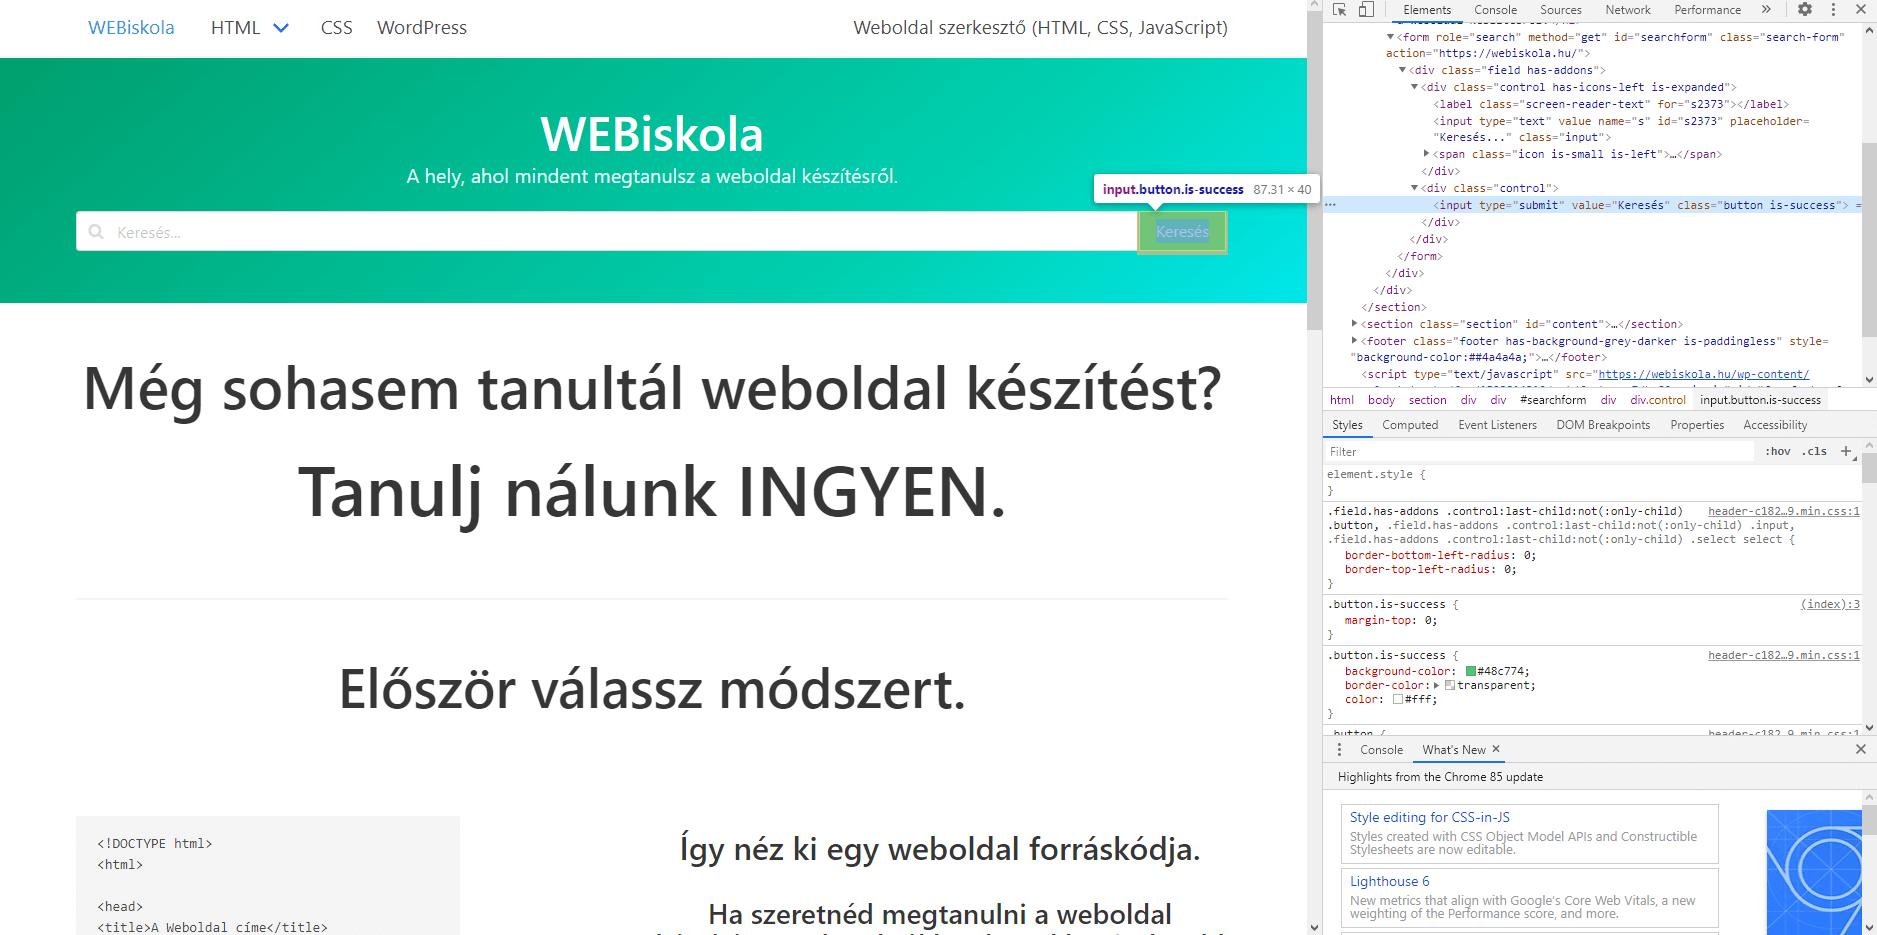 Weboldalak forráskódjának, HTML felépítésének megtekintése